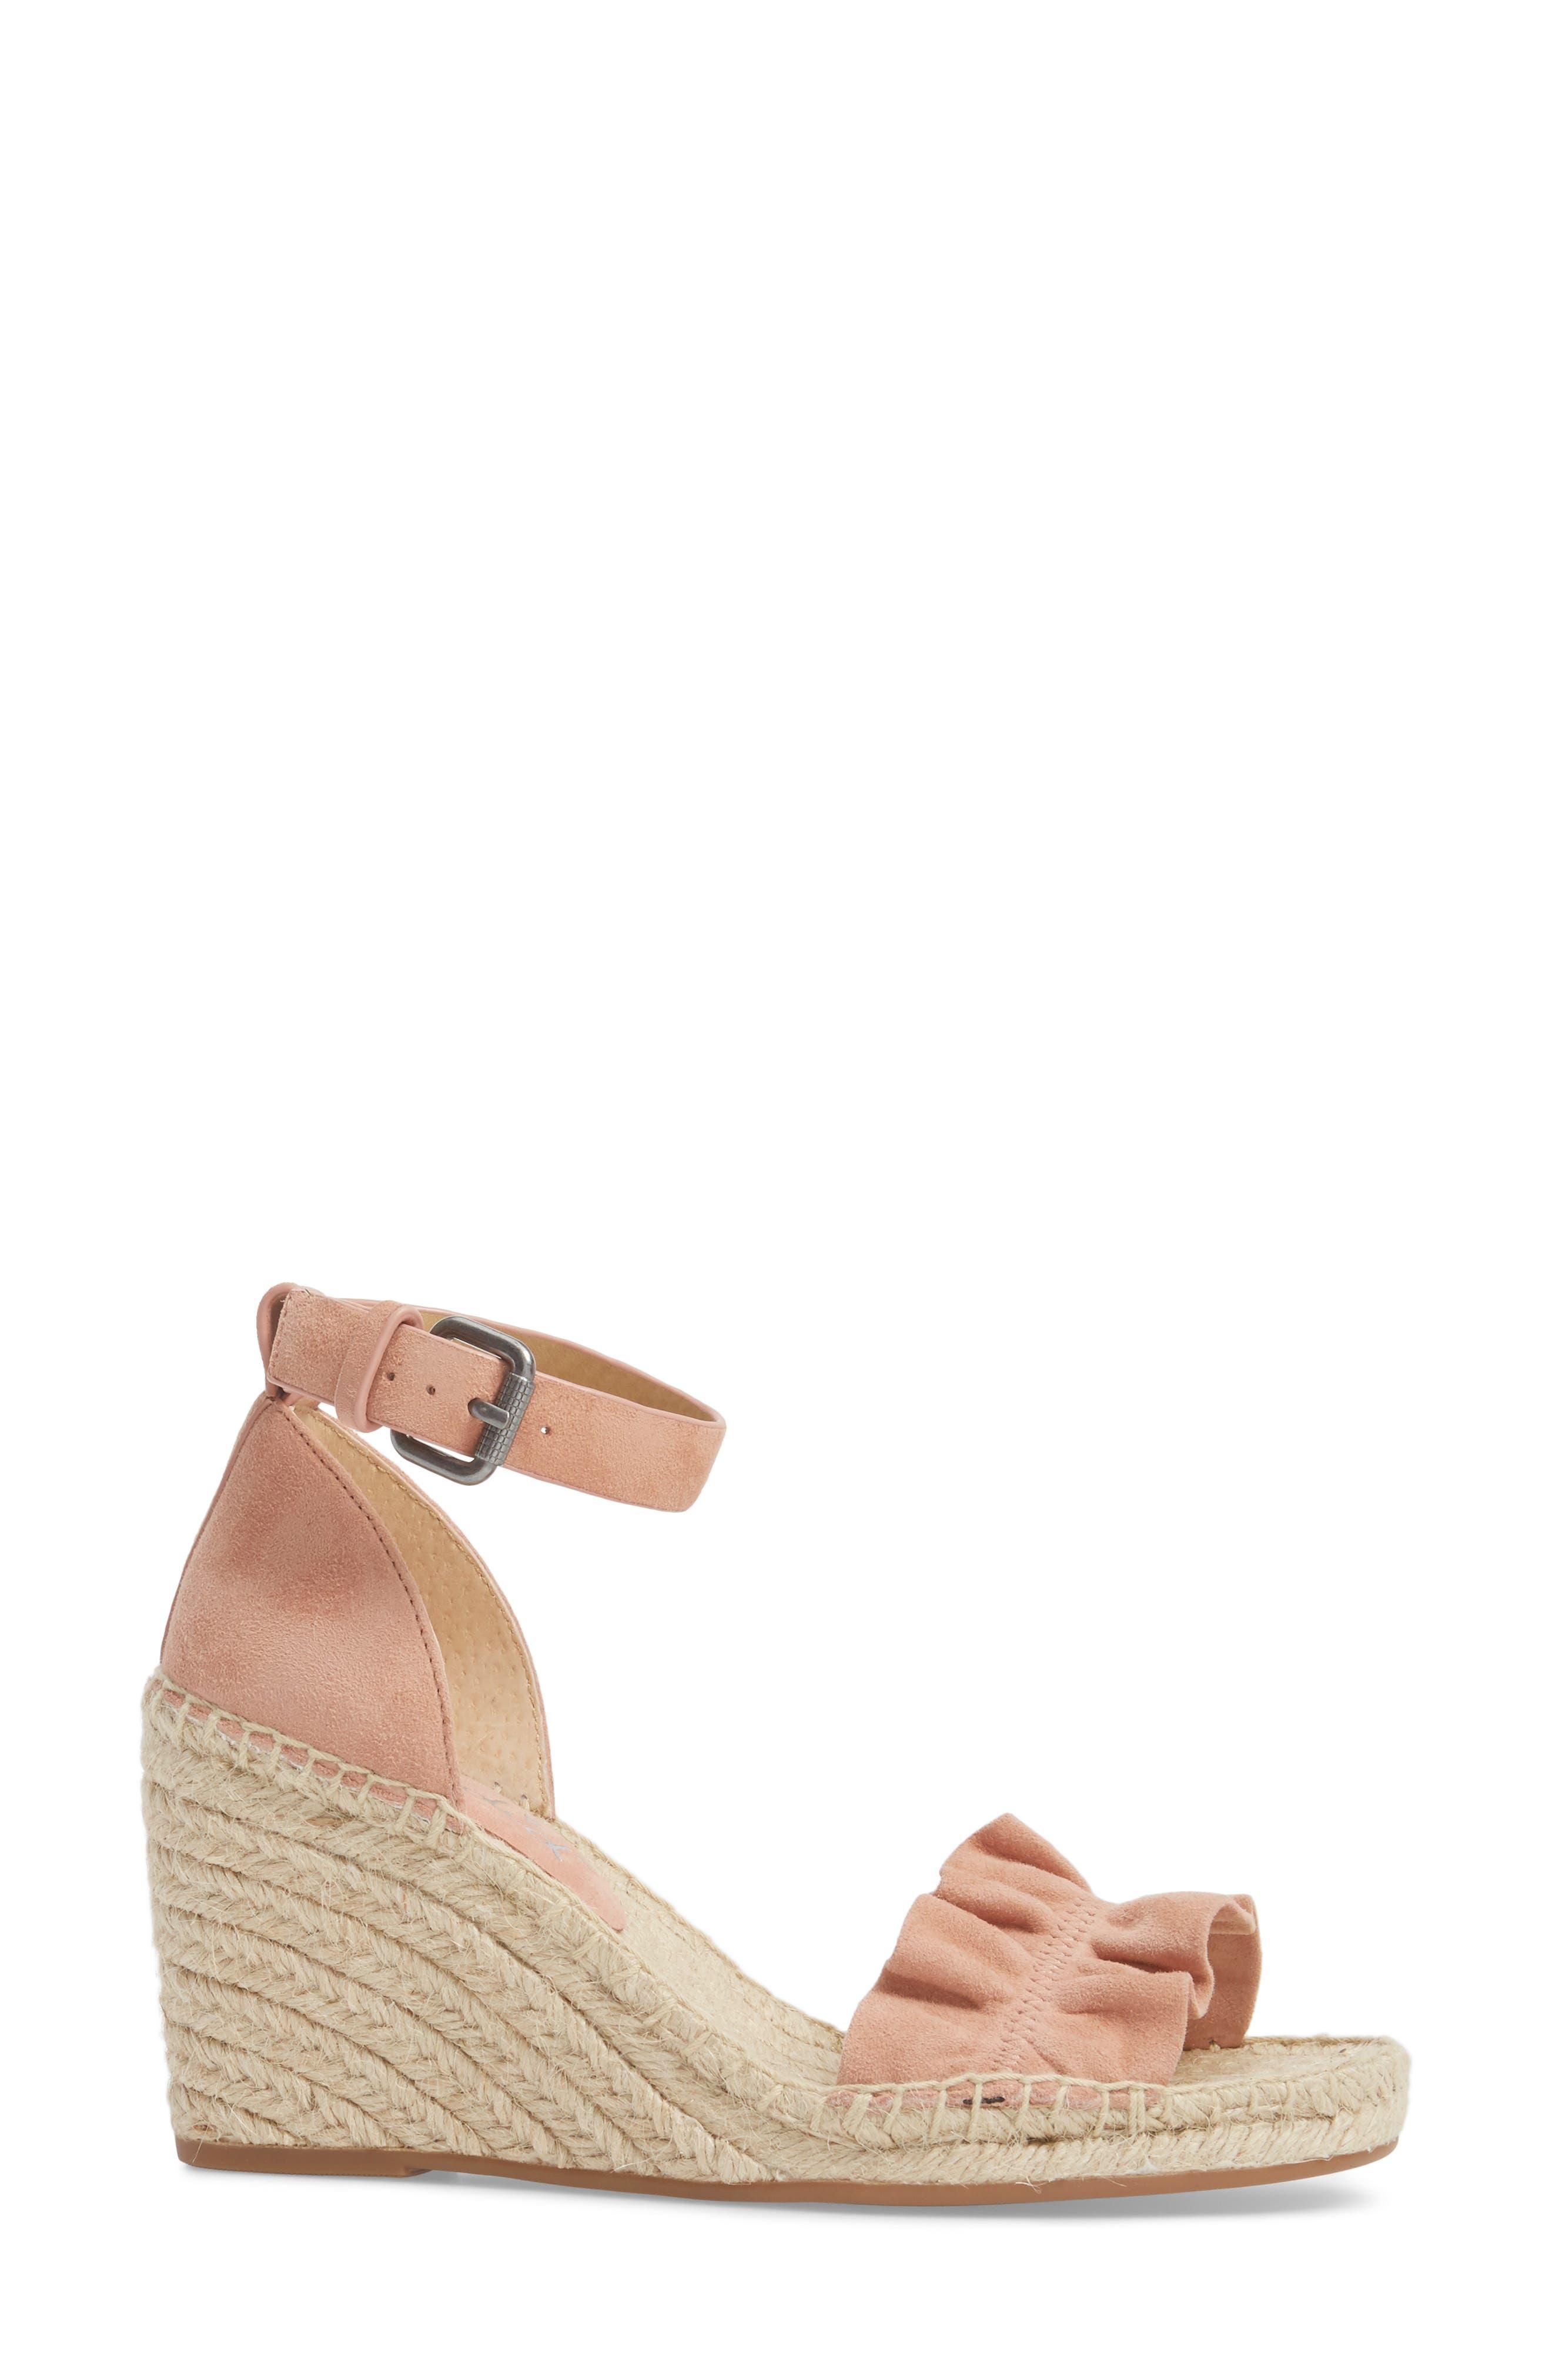 Alternate Image 3  - Splendid Bedford Espadrille Wedge Sandal (Women)